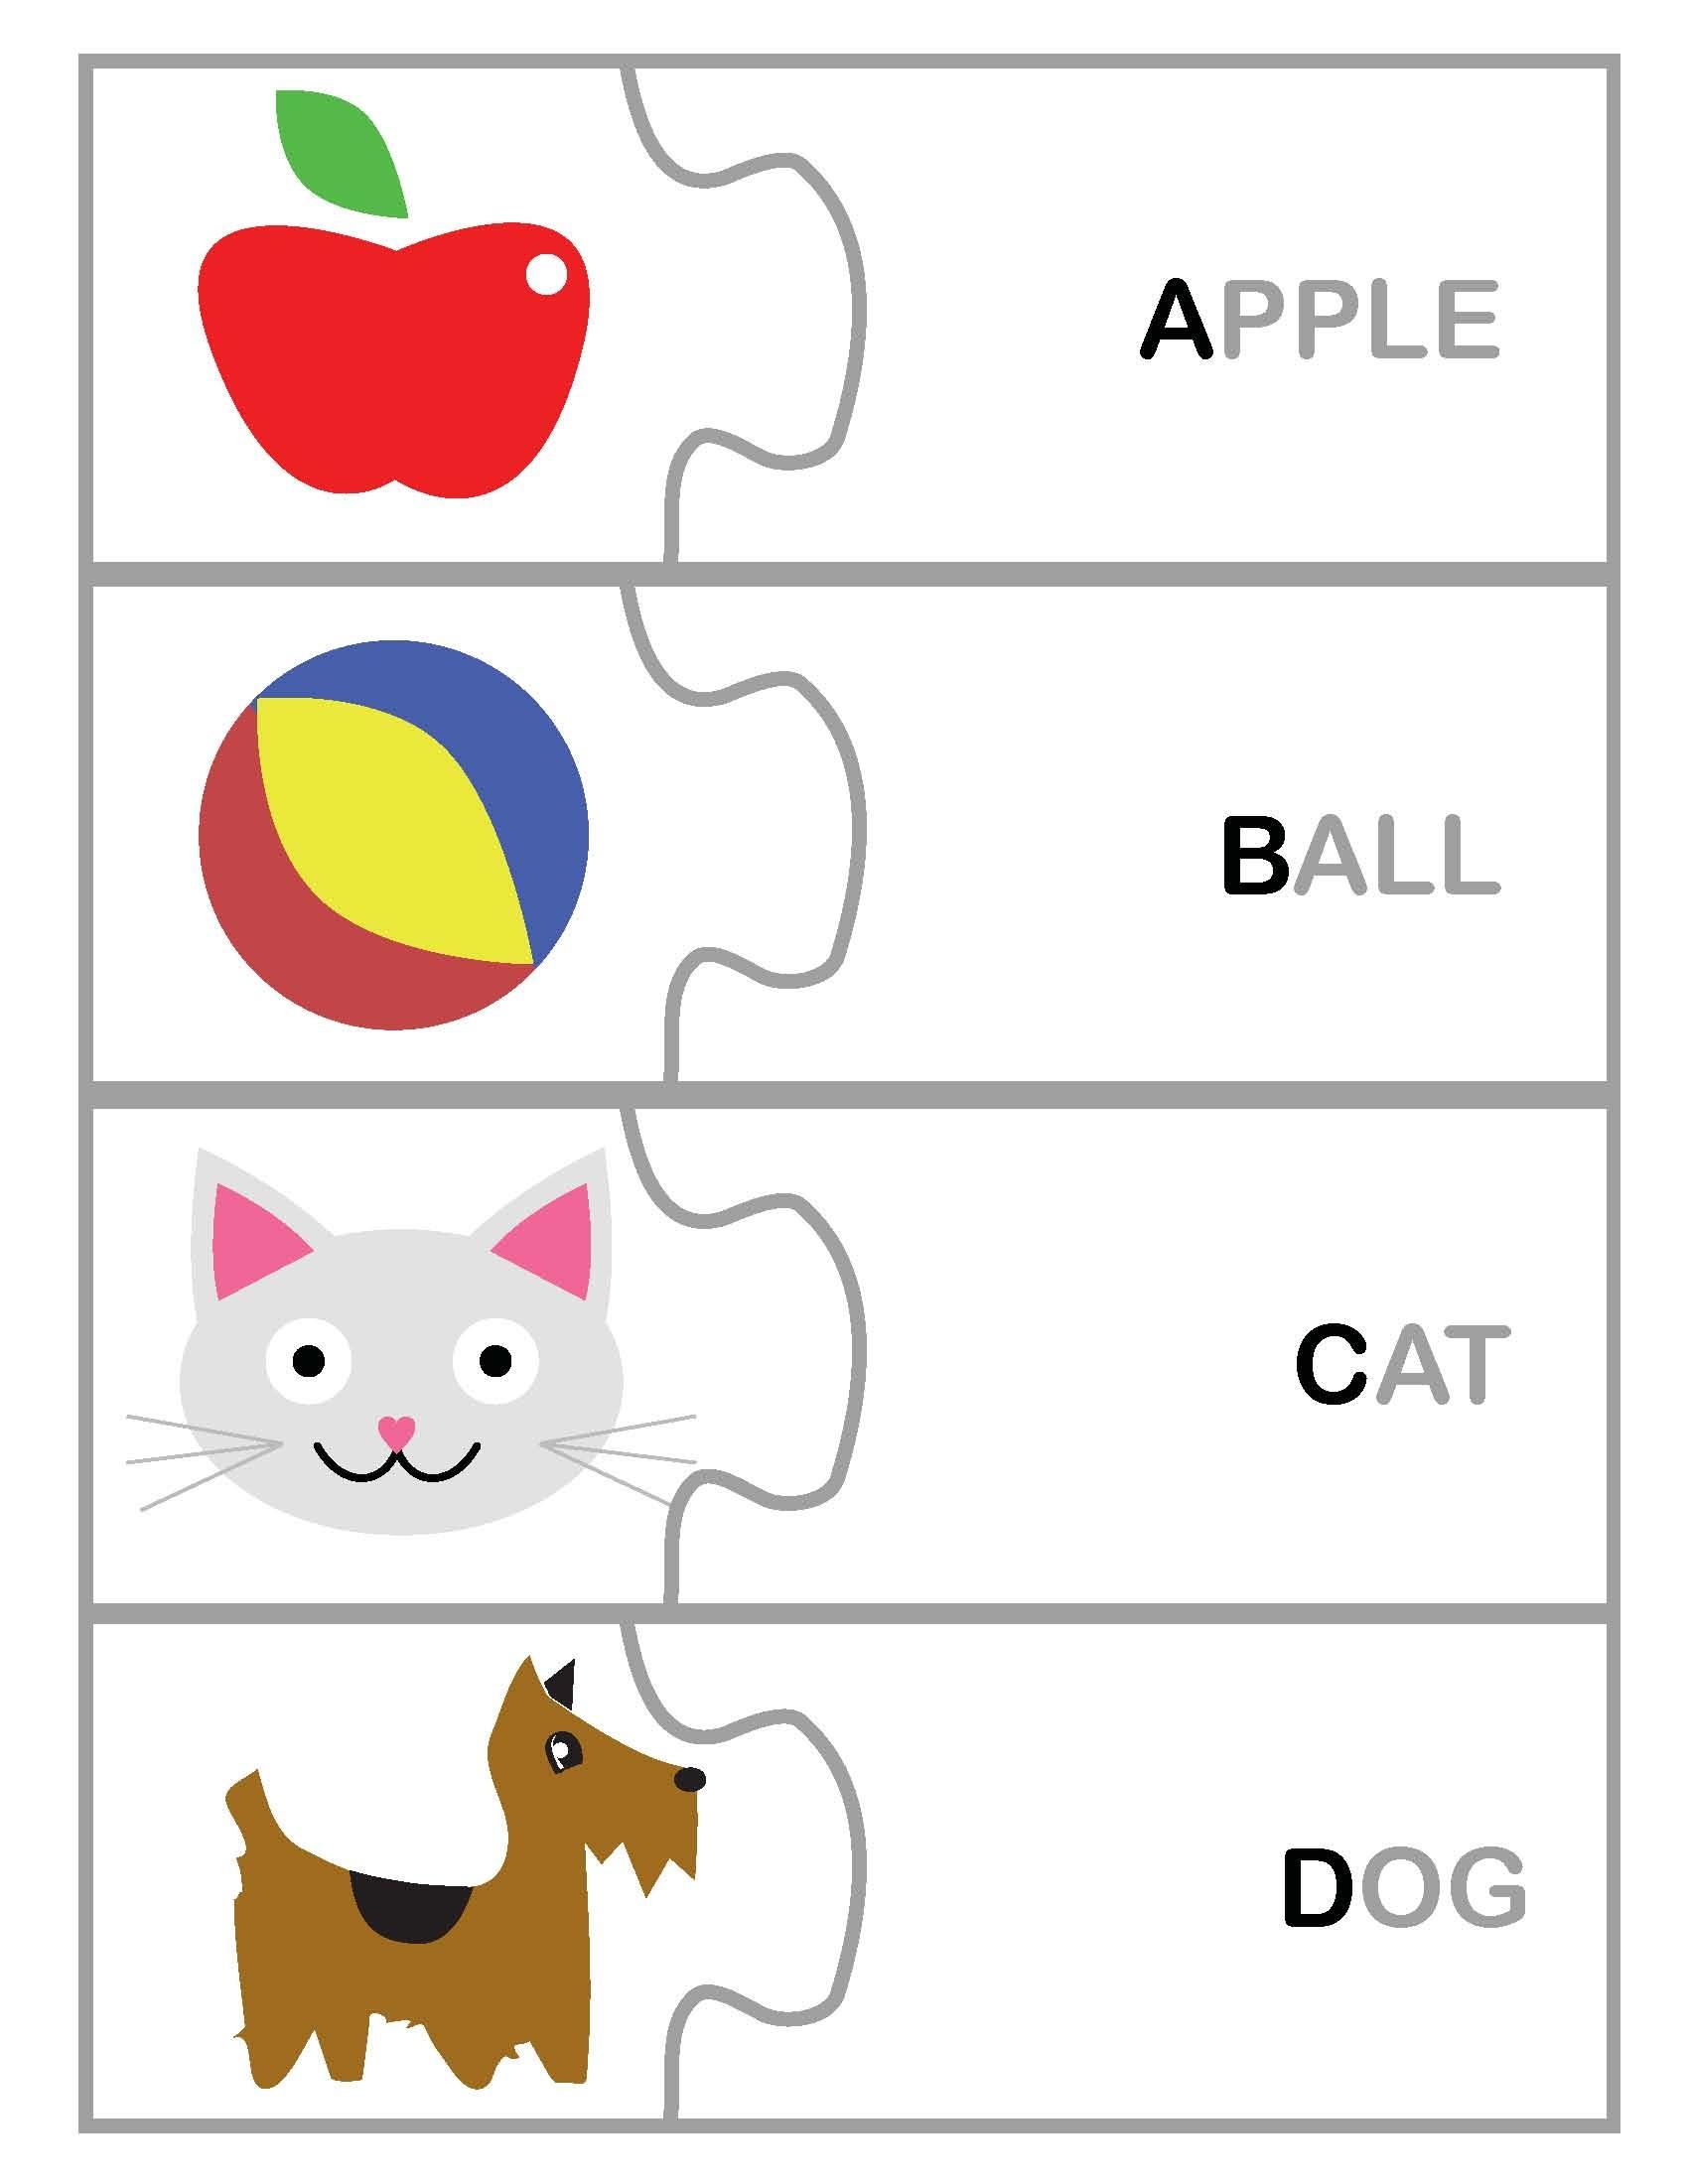 Inspirational Printable Matching Games For Kindergarten   Fun Worksheet - Free Printable Toddler Matching Games